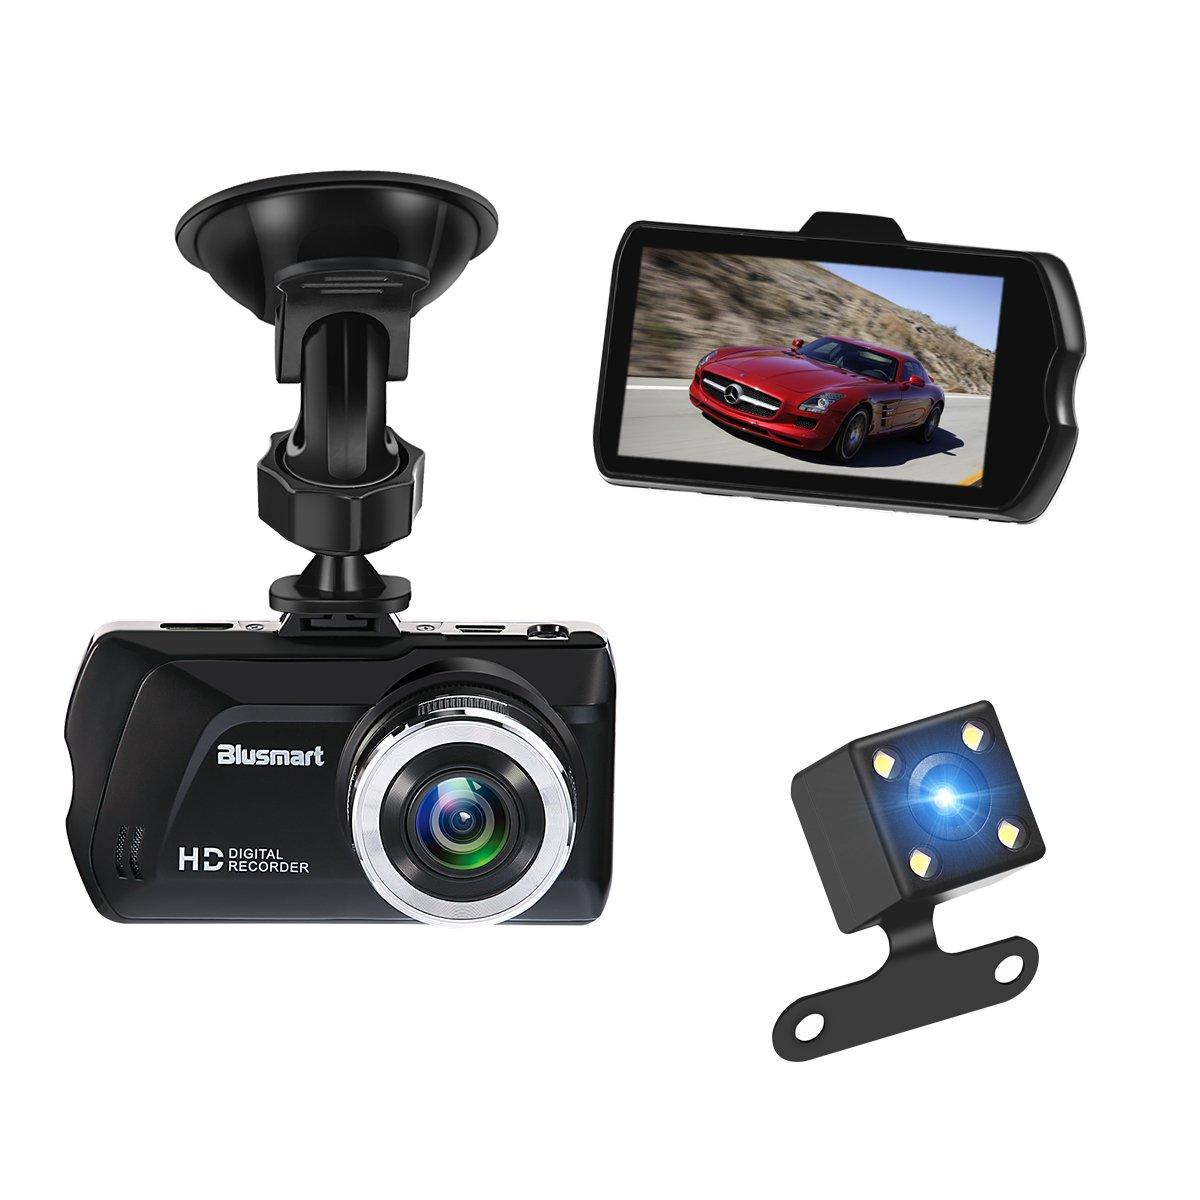 Bild zu 3 Zoll Full HD Dash Cam 170° weitwinkel Kamera und Video Kanal für Rückfahrkamera mit 16 GB Speicherkarte für 19,99€